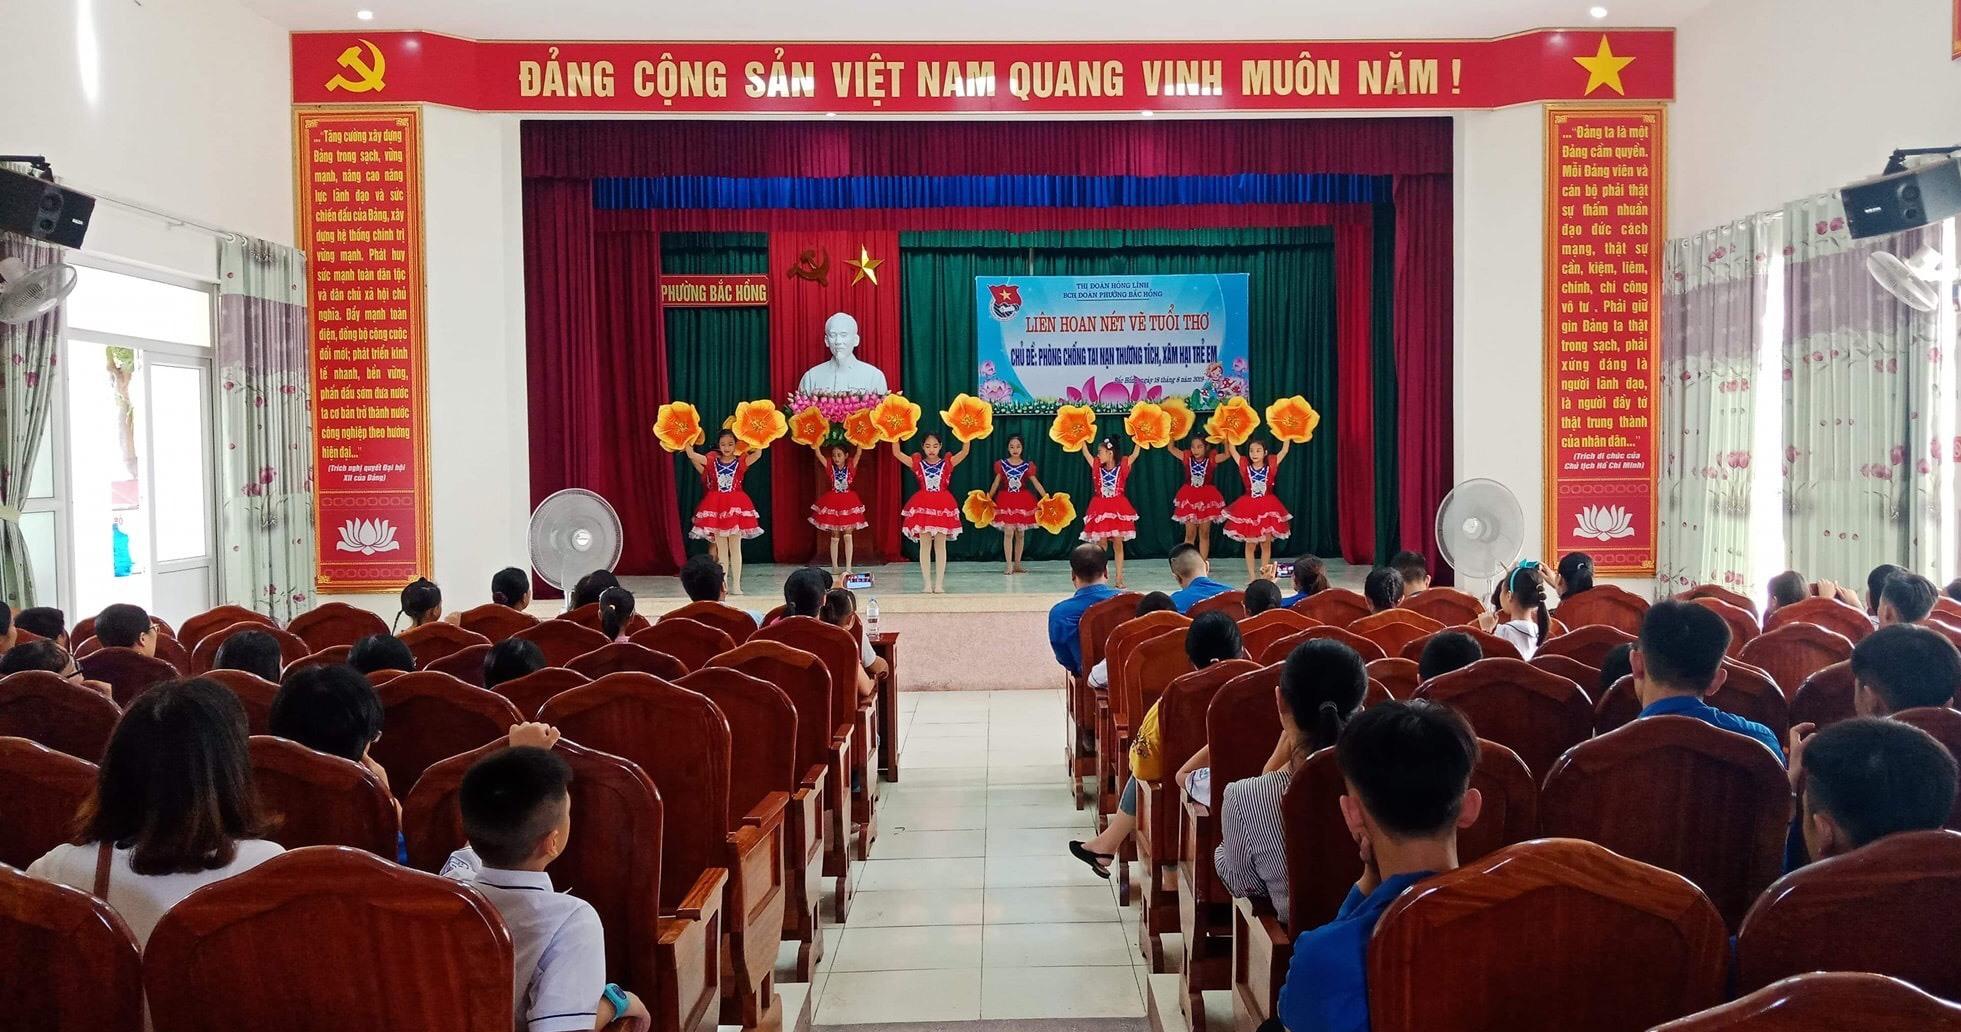 Liên hoan nét vẽ tuổi thơ với chủ đề phòng chống tai nạn thương tích, xâm hại trẻ em ở Đoàn phường Bắc Hồng